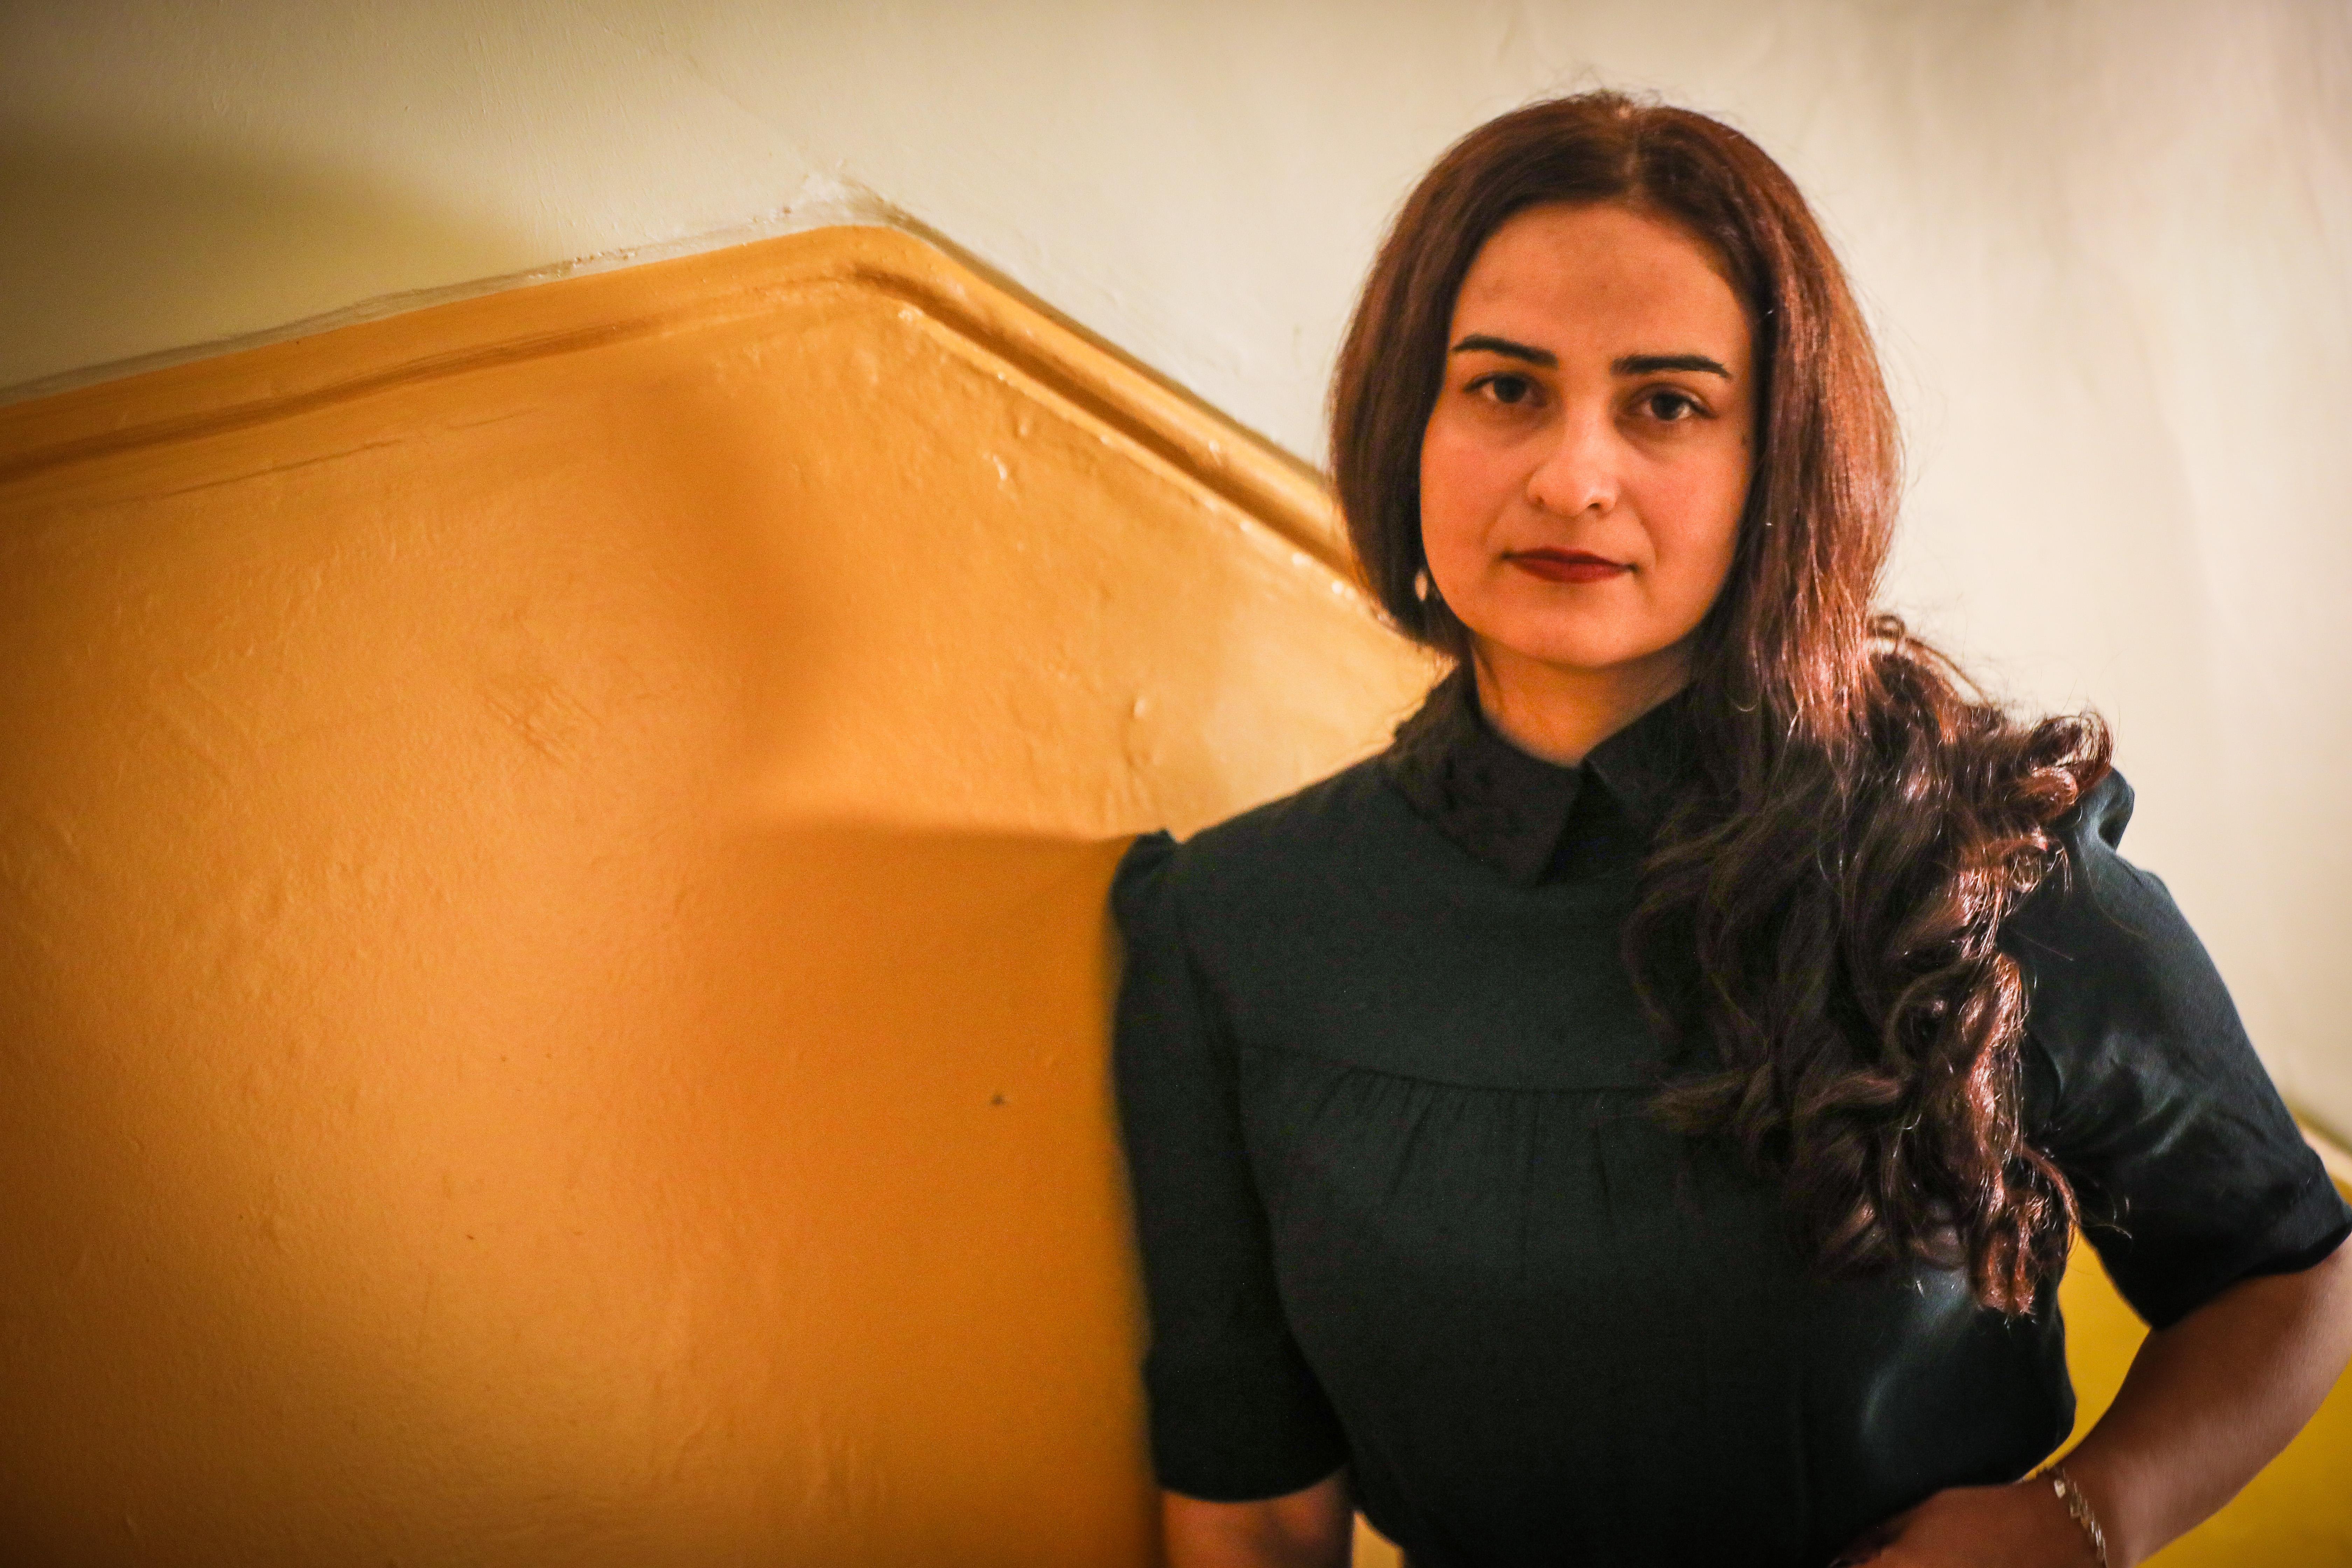 Syrian refugee Medya.